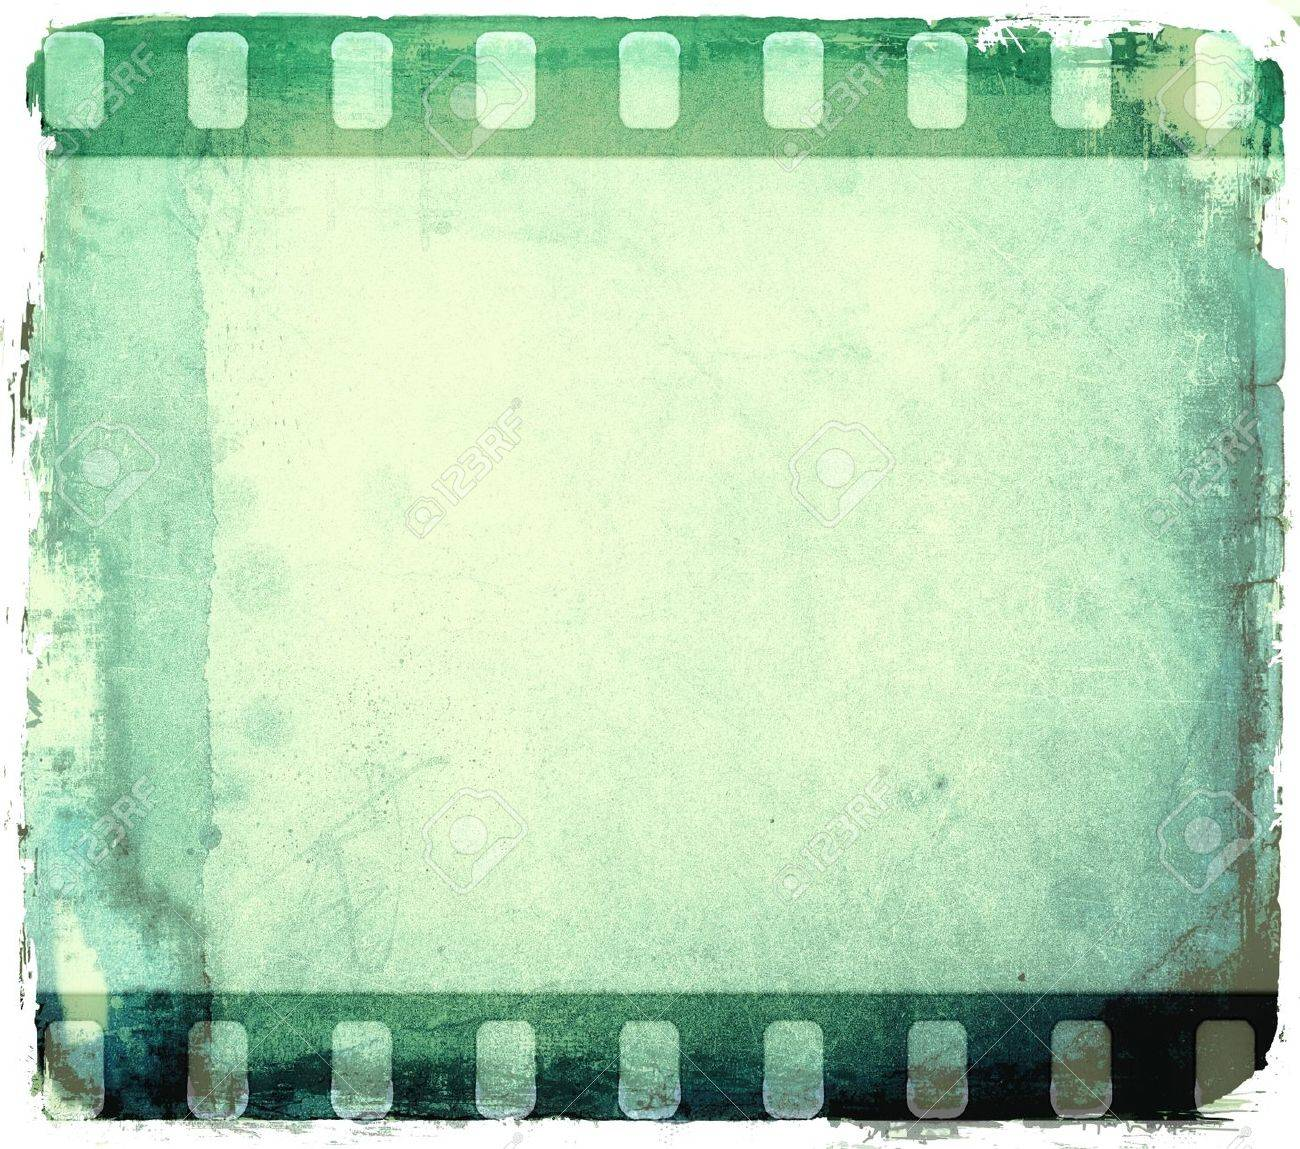 Grunge Grün Filmstreifen Rahmen Lizenzfreie Fotos, Bilder Und Stock ...